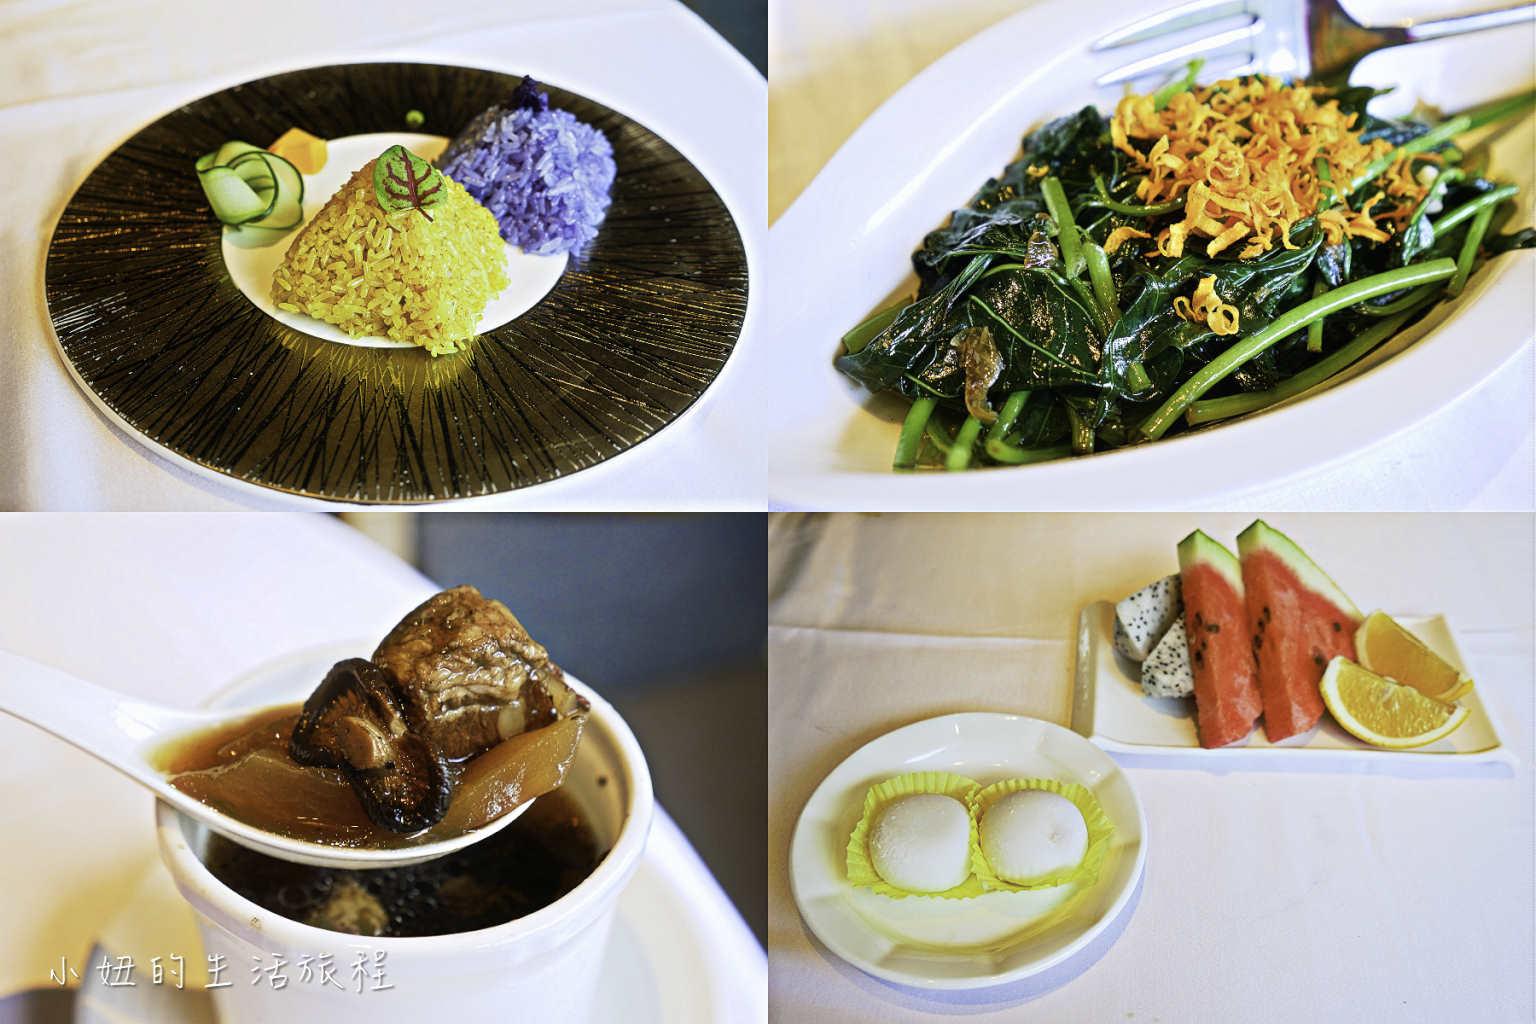 泰安觀止,早餐,午餐,晚餐,湯屋-43.jpg